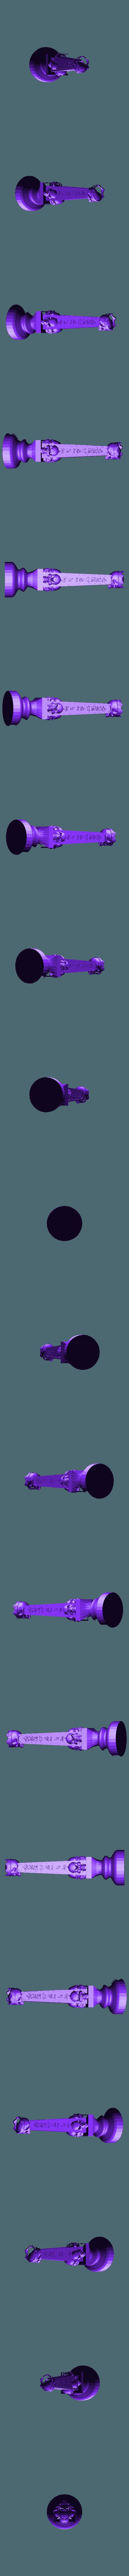 undead rookn2.stl Télécharger fichier STL gratuit Les échecs égyptiens : vivants ou morts • Modèle à imprimer en 3D, MartinHaurane